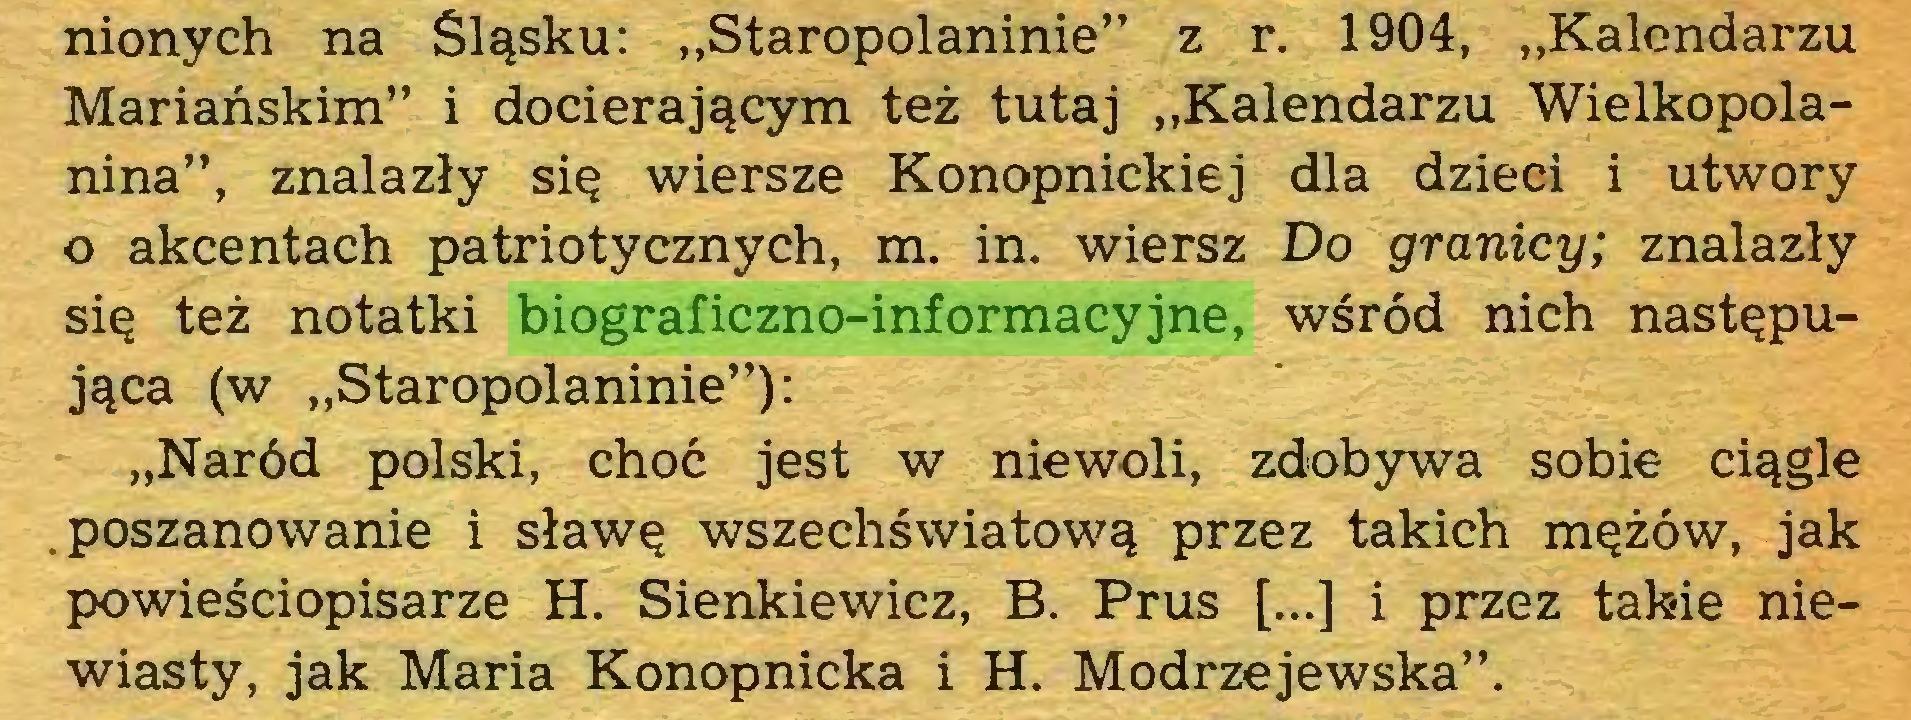 """(...) nionych na Śląsku: ,,Staropolaninie"""" z r. 1904, """"Kalendarzu Mariańskim"""" i docierającym też tutaj """"Kalendarzu Wielkopolanina"""", znalazły się wiersze Konopnickiej dla dzieci i utwory o akcentach patriotycznych, m. in. wiersz Do granicy; znalazły się też notatki biograficzno-informacyjne, wśród nich następująca (w """"Staropolaninie""""): """"Naród polski, choć jest w niewoli, zdobywa sobie ciągle .poszanowanie i sławę wszechświatową przez takich mężów, jak powieściopisarze H. Sienkiewicz, B. Prus [...] i przez takie niewiasty, jak Maria Konopnicka i H. Modrzejewska""""..."""